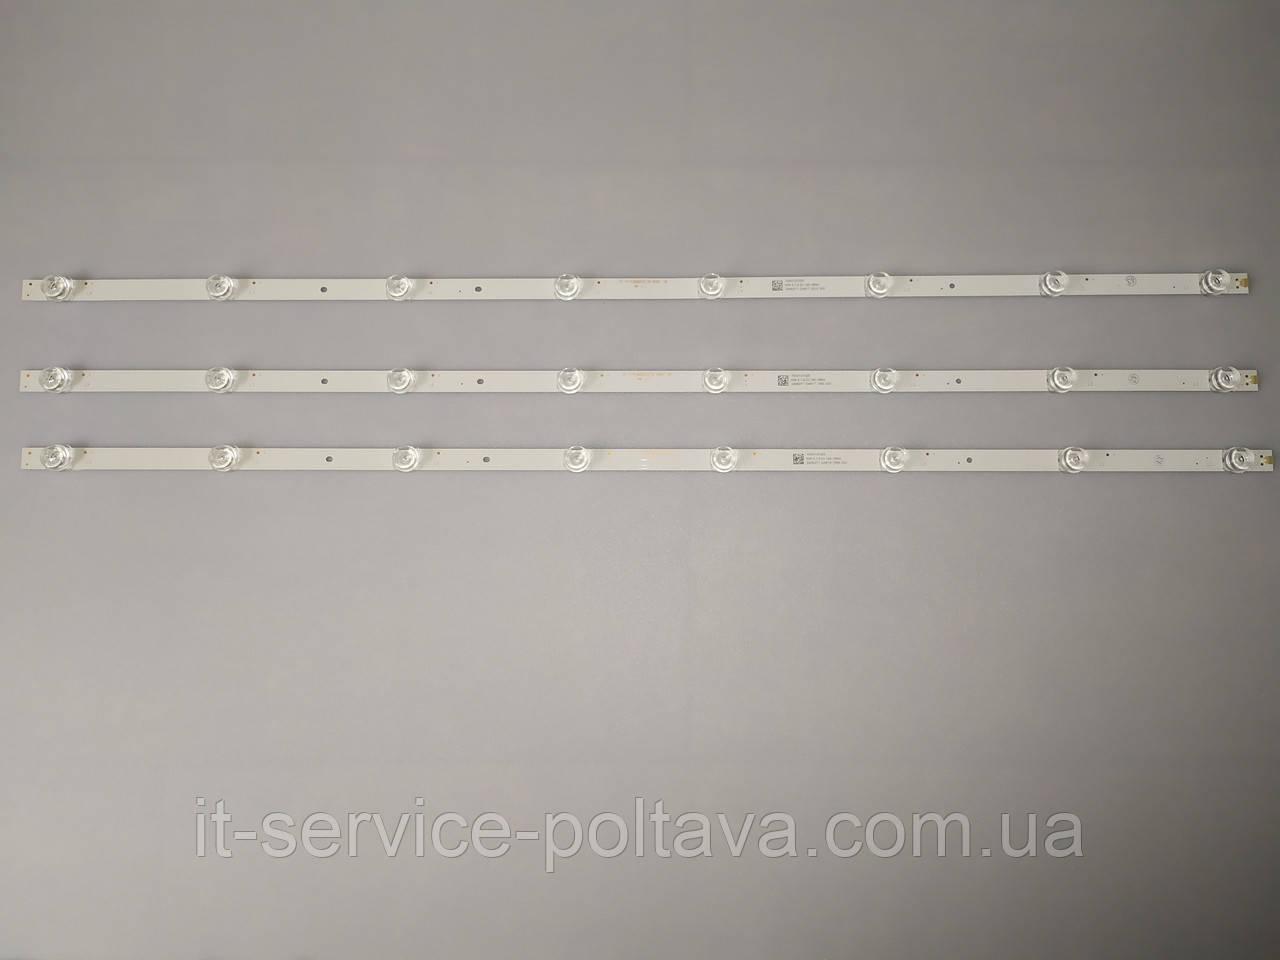 """LED підсвічування RF-FP430008SE30-0801 A0 (70401-01023) для телевізора 43"""""""